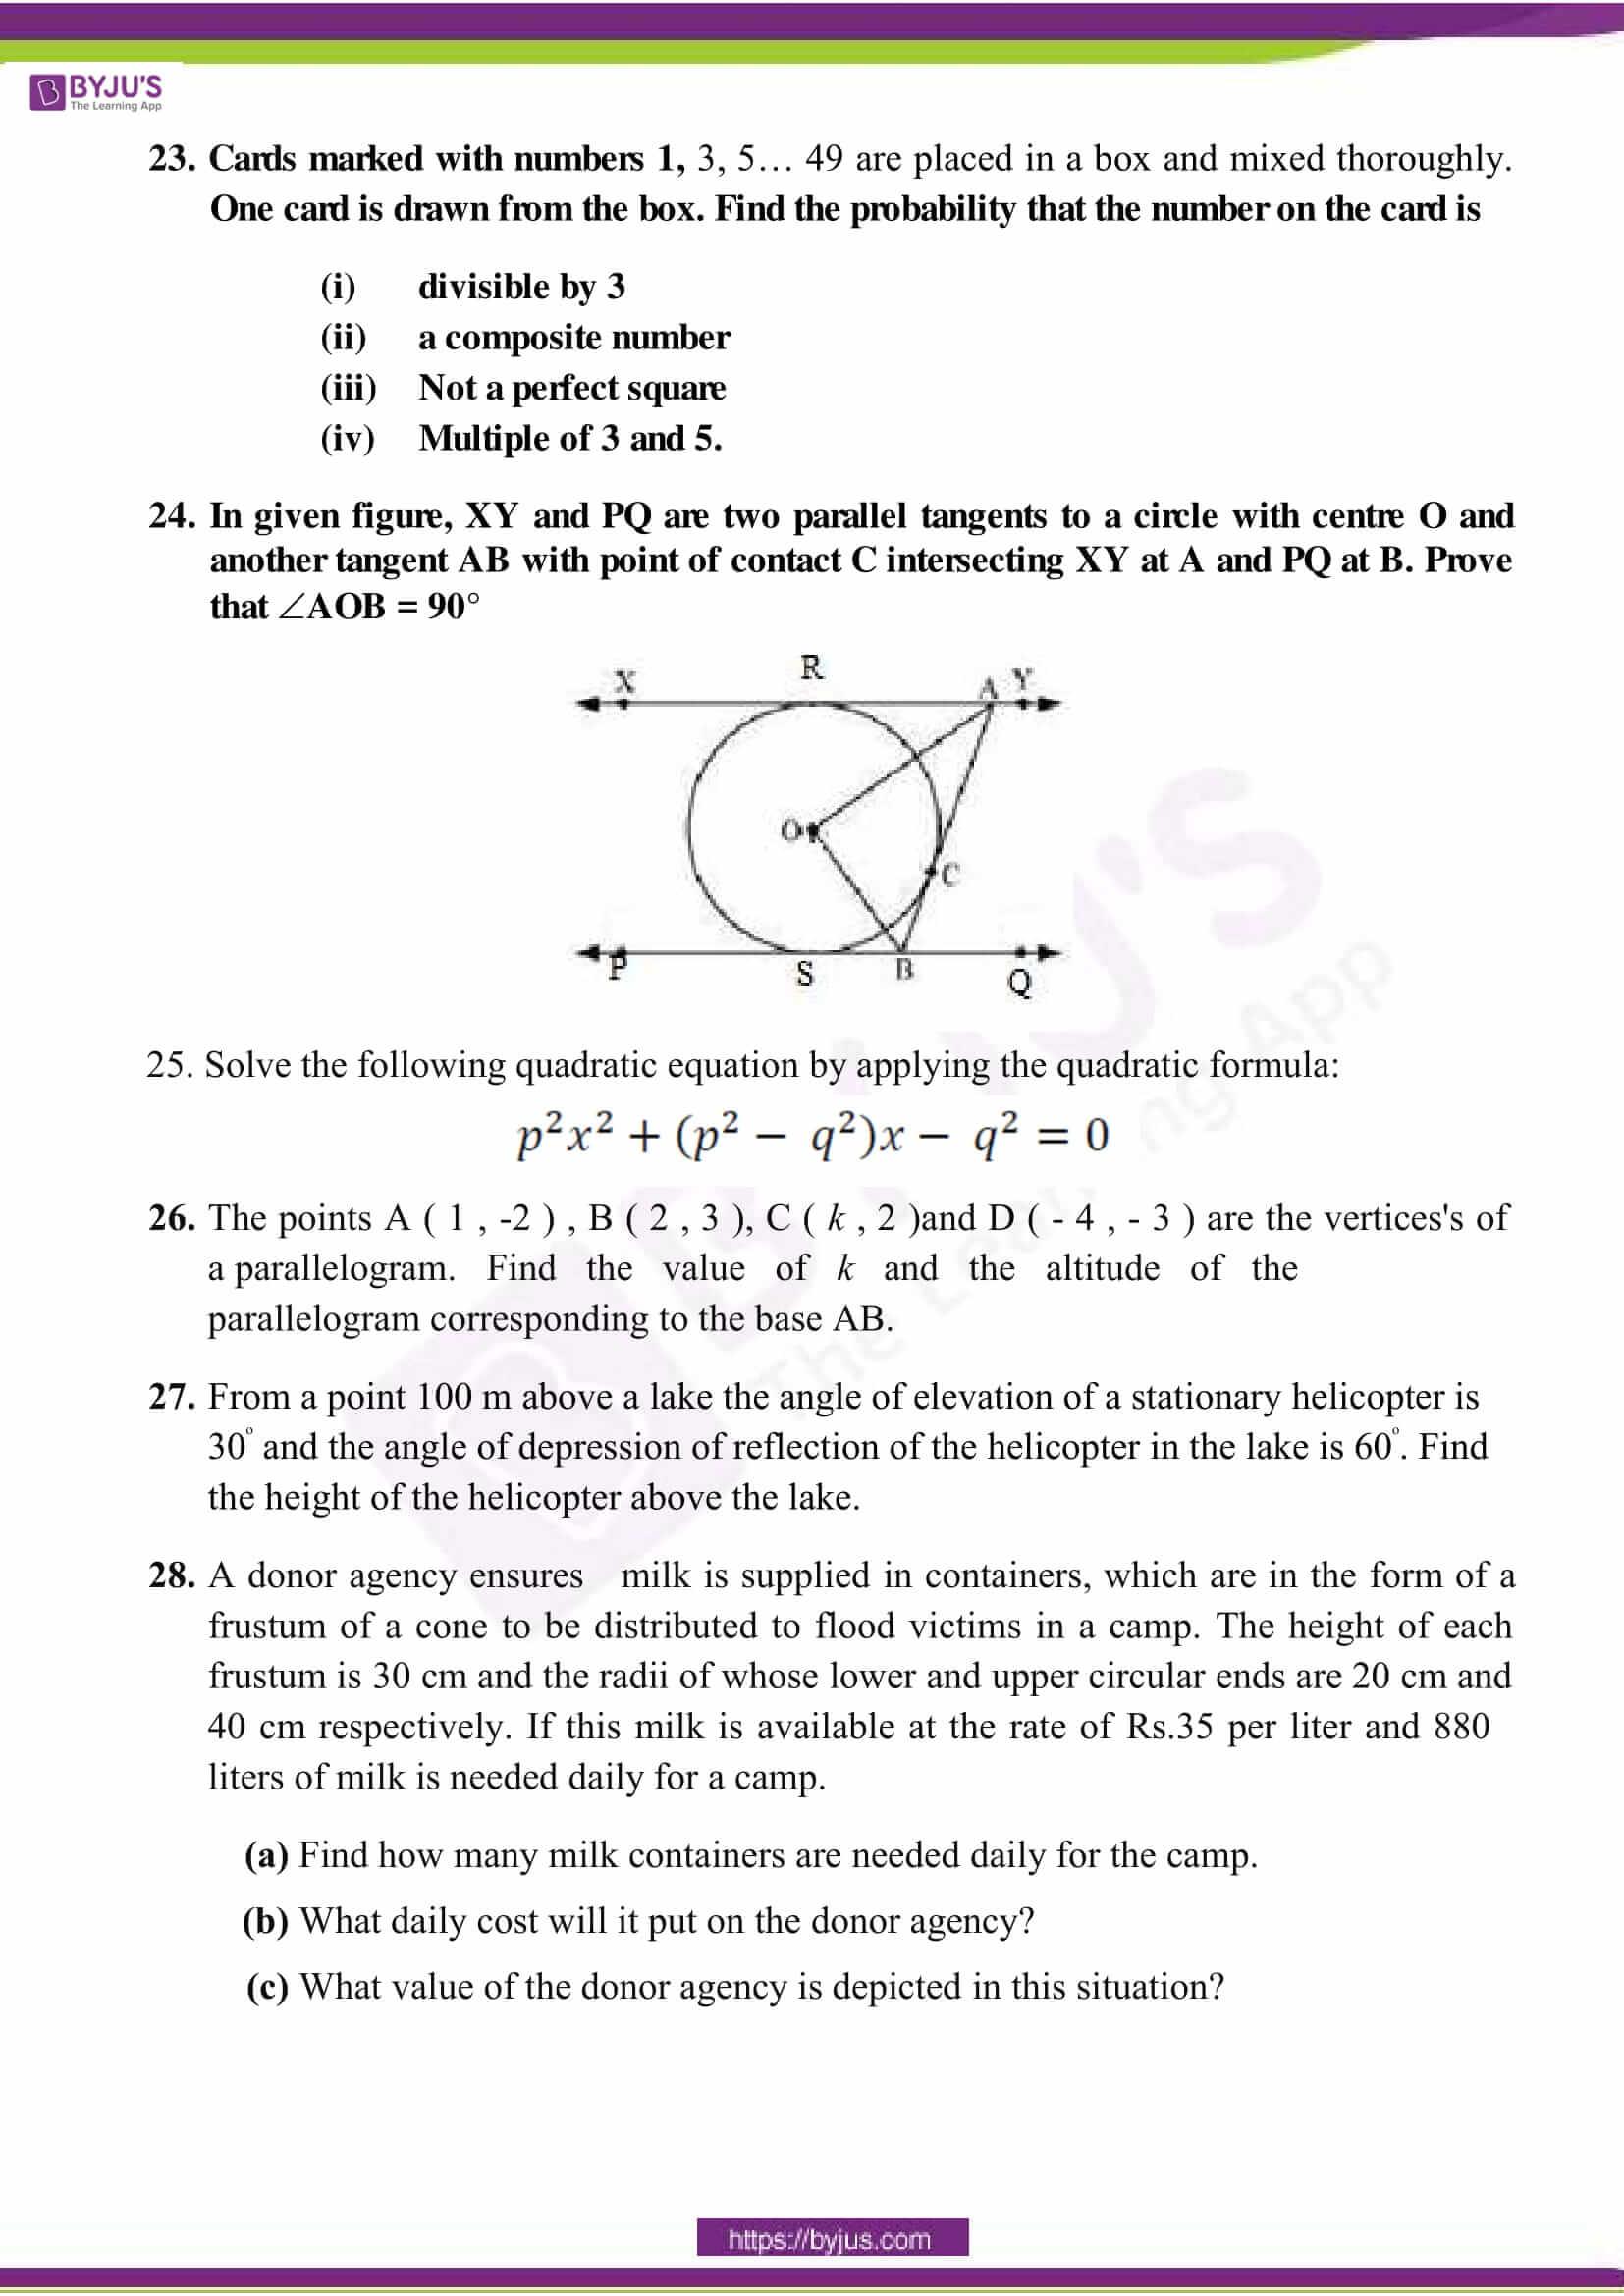 cbse sample paper class 10 maths sa 2 set 9